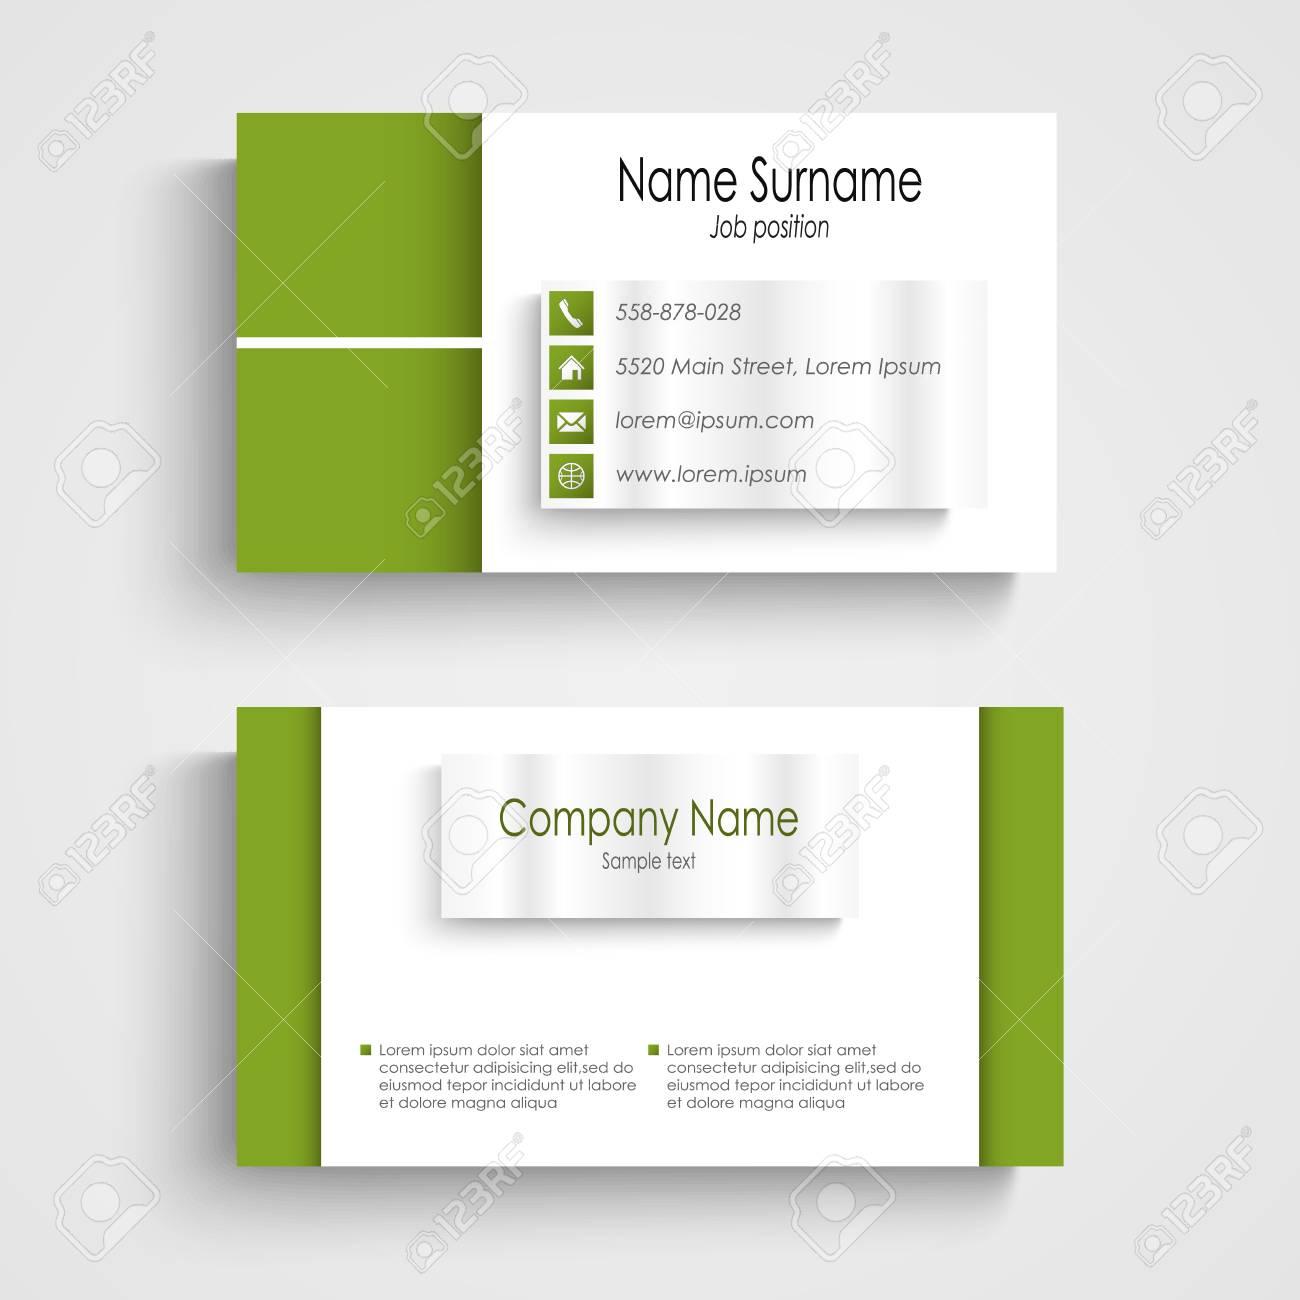 Modern green light business card template vector eps 10 royalty free modern green light business card template vector eps 10 stock vector 25298703 cheaphphosting Gallery